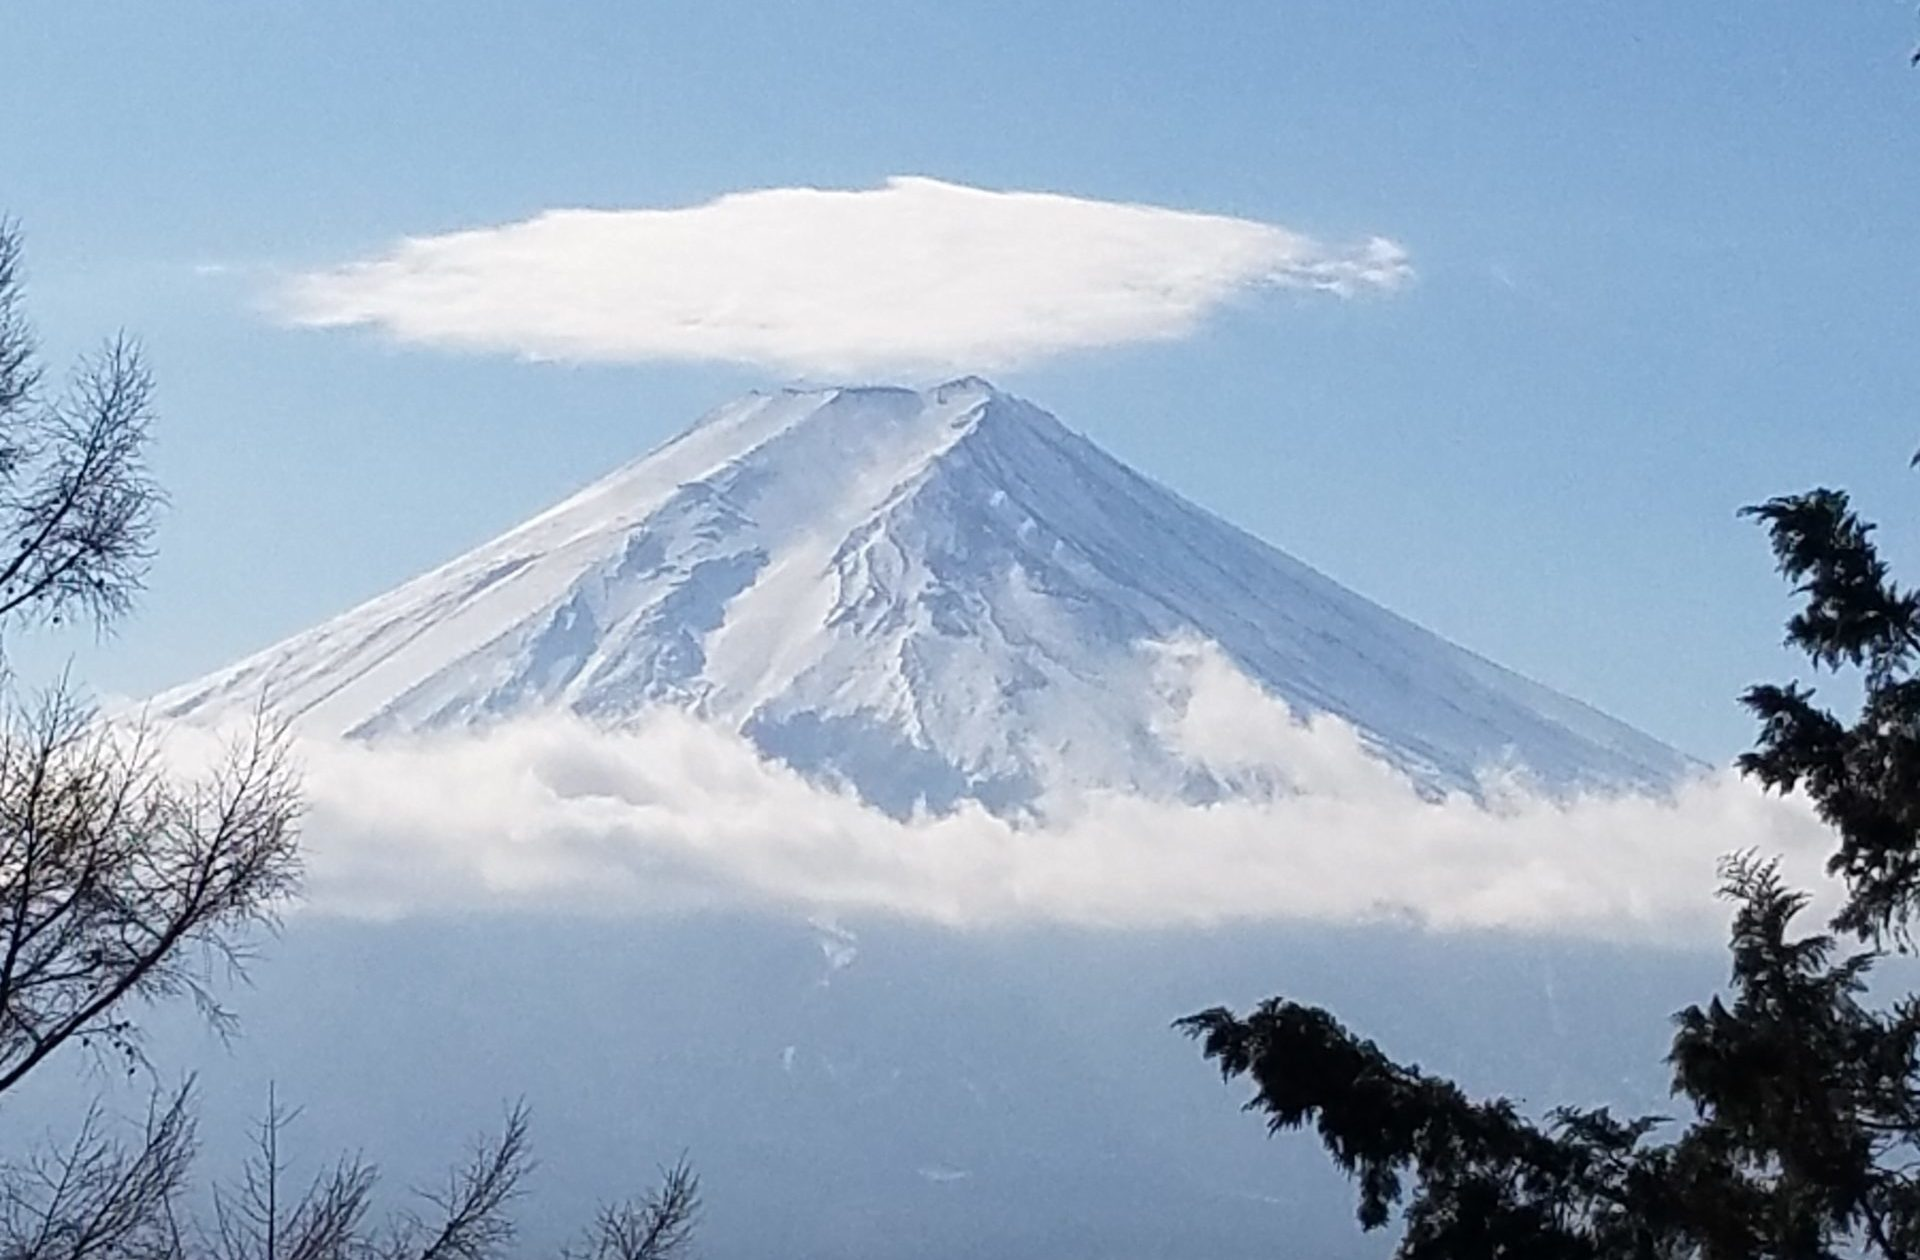 山梨旅行のイメージ画像(新倉山浅間神社からの富士山)